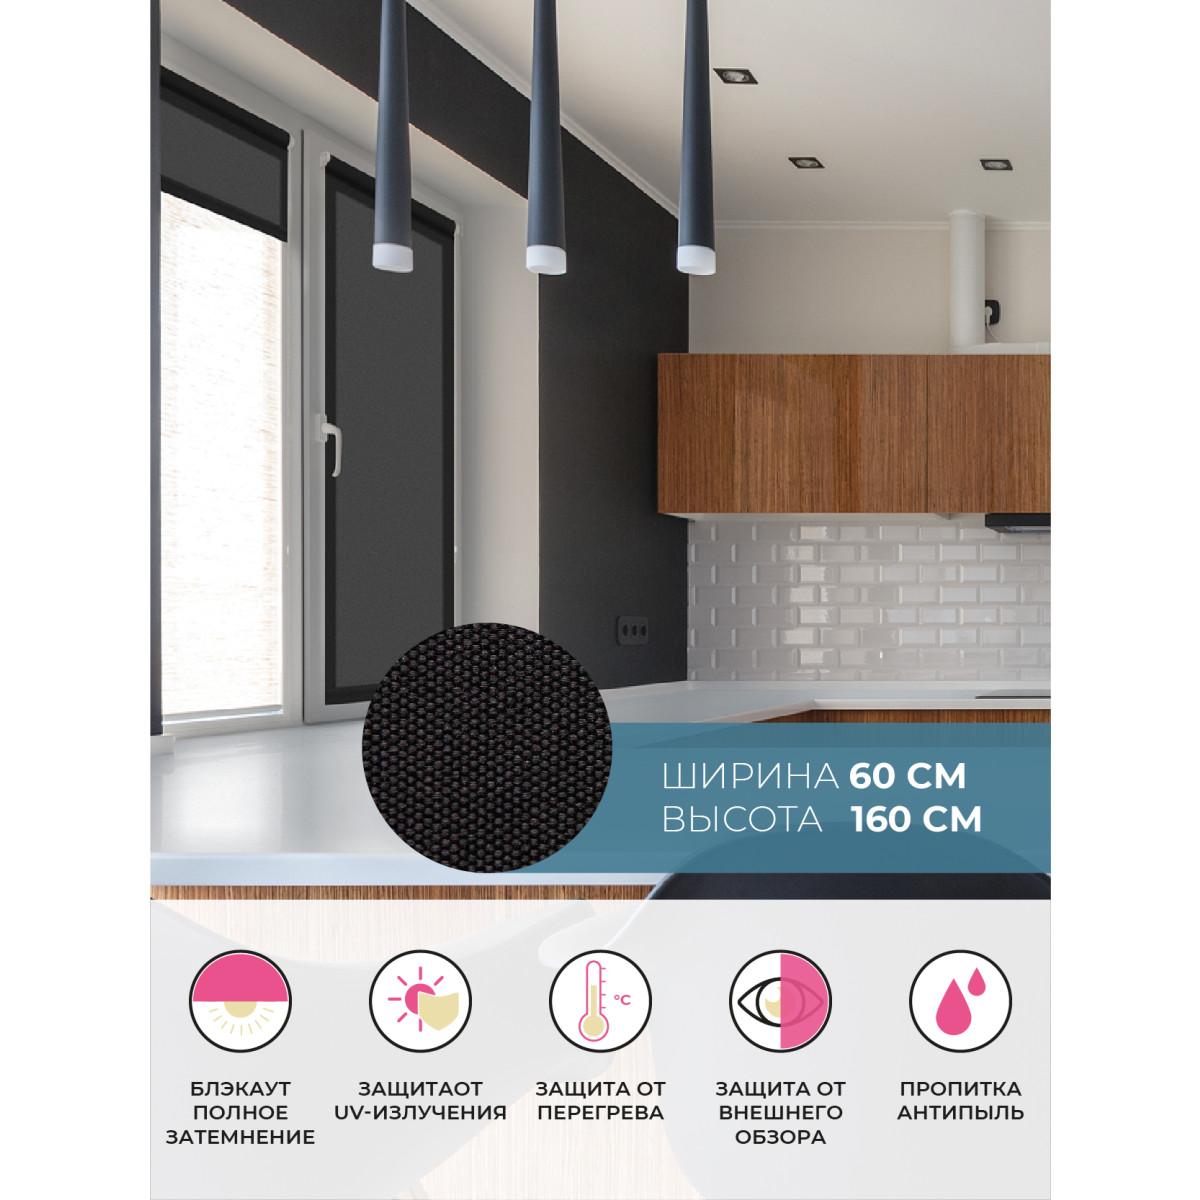 Рулонная Ора Decofest Блэкаут Плайн 60Х160 Цвет Черный